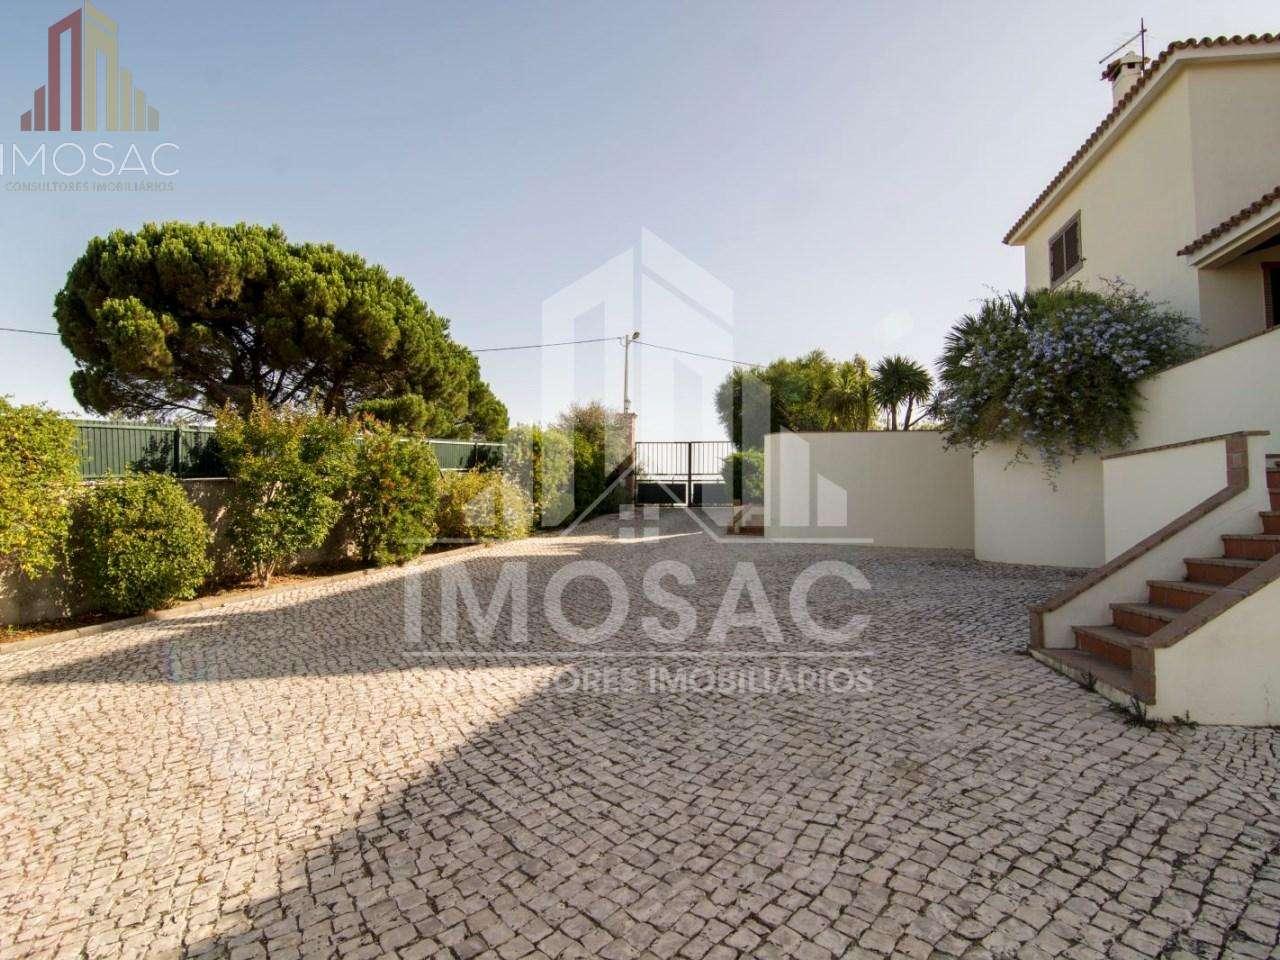 Moradia para comprar, Alhandra, São João dos Montes e Calhandriz, Lisboa - Foto 20